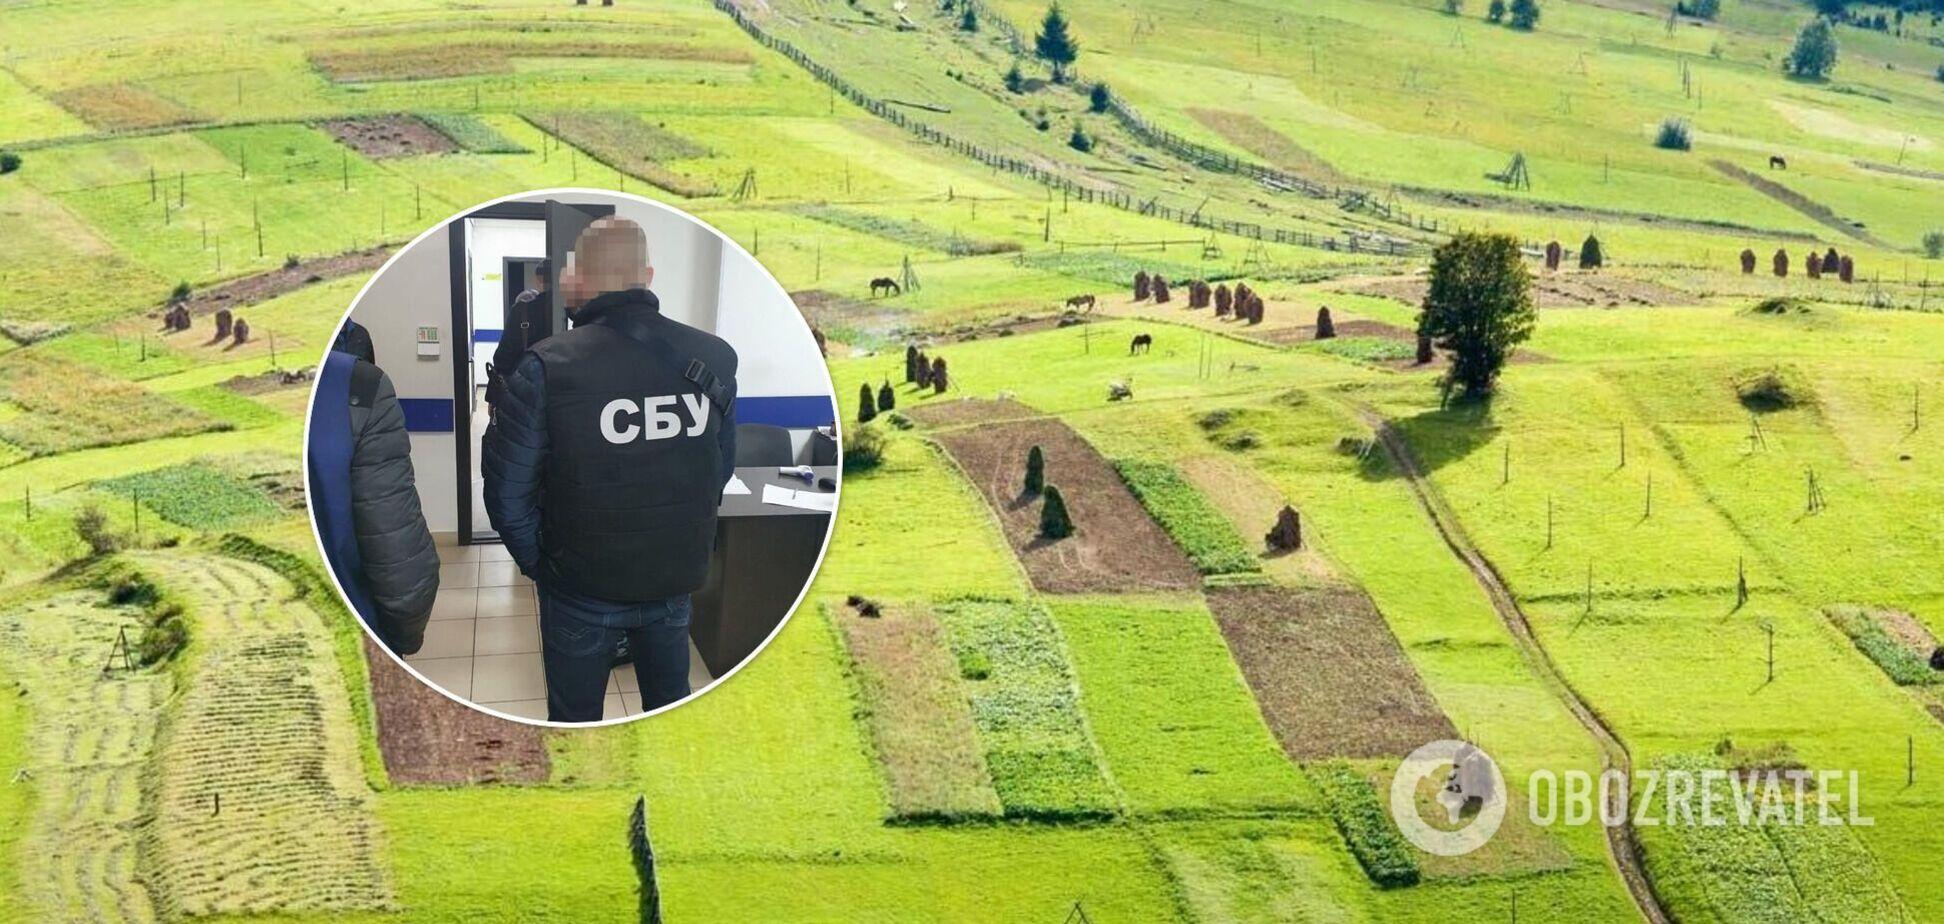 Агрохолдинг с чиновниками Госгеокадастра присвоили земли на 80 млн грн – СБУ